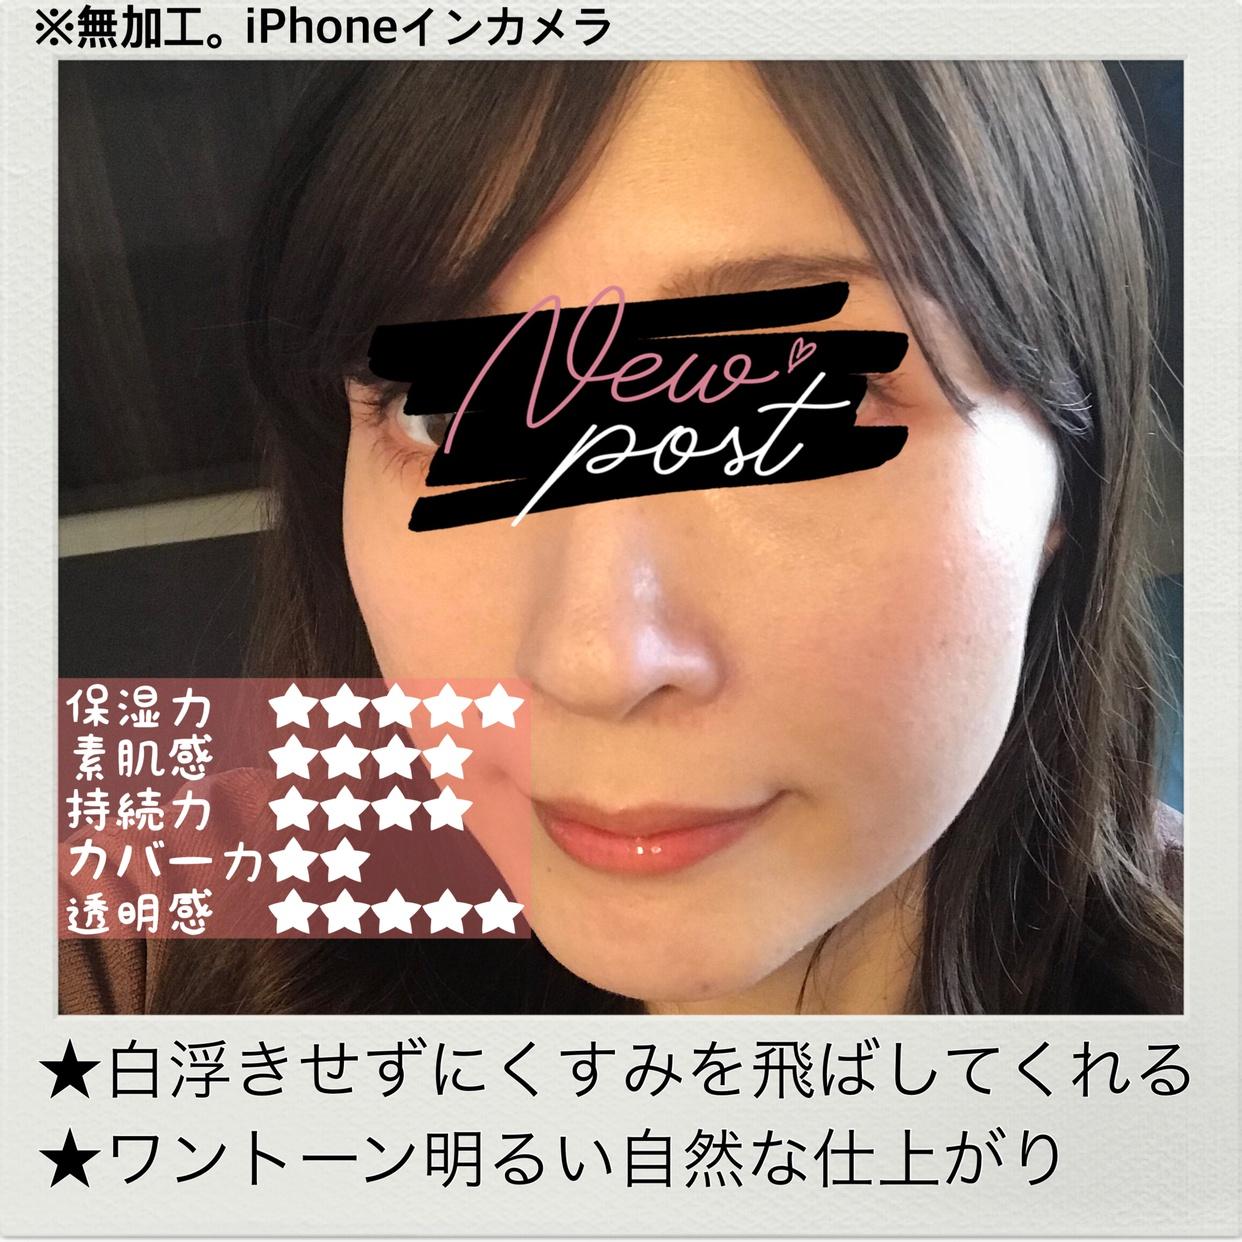 ETVOS(エトヴォス)ミネラルUVパウダーを使ったyuuuri_cosmeさんのクチコミ画像4